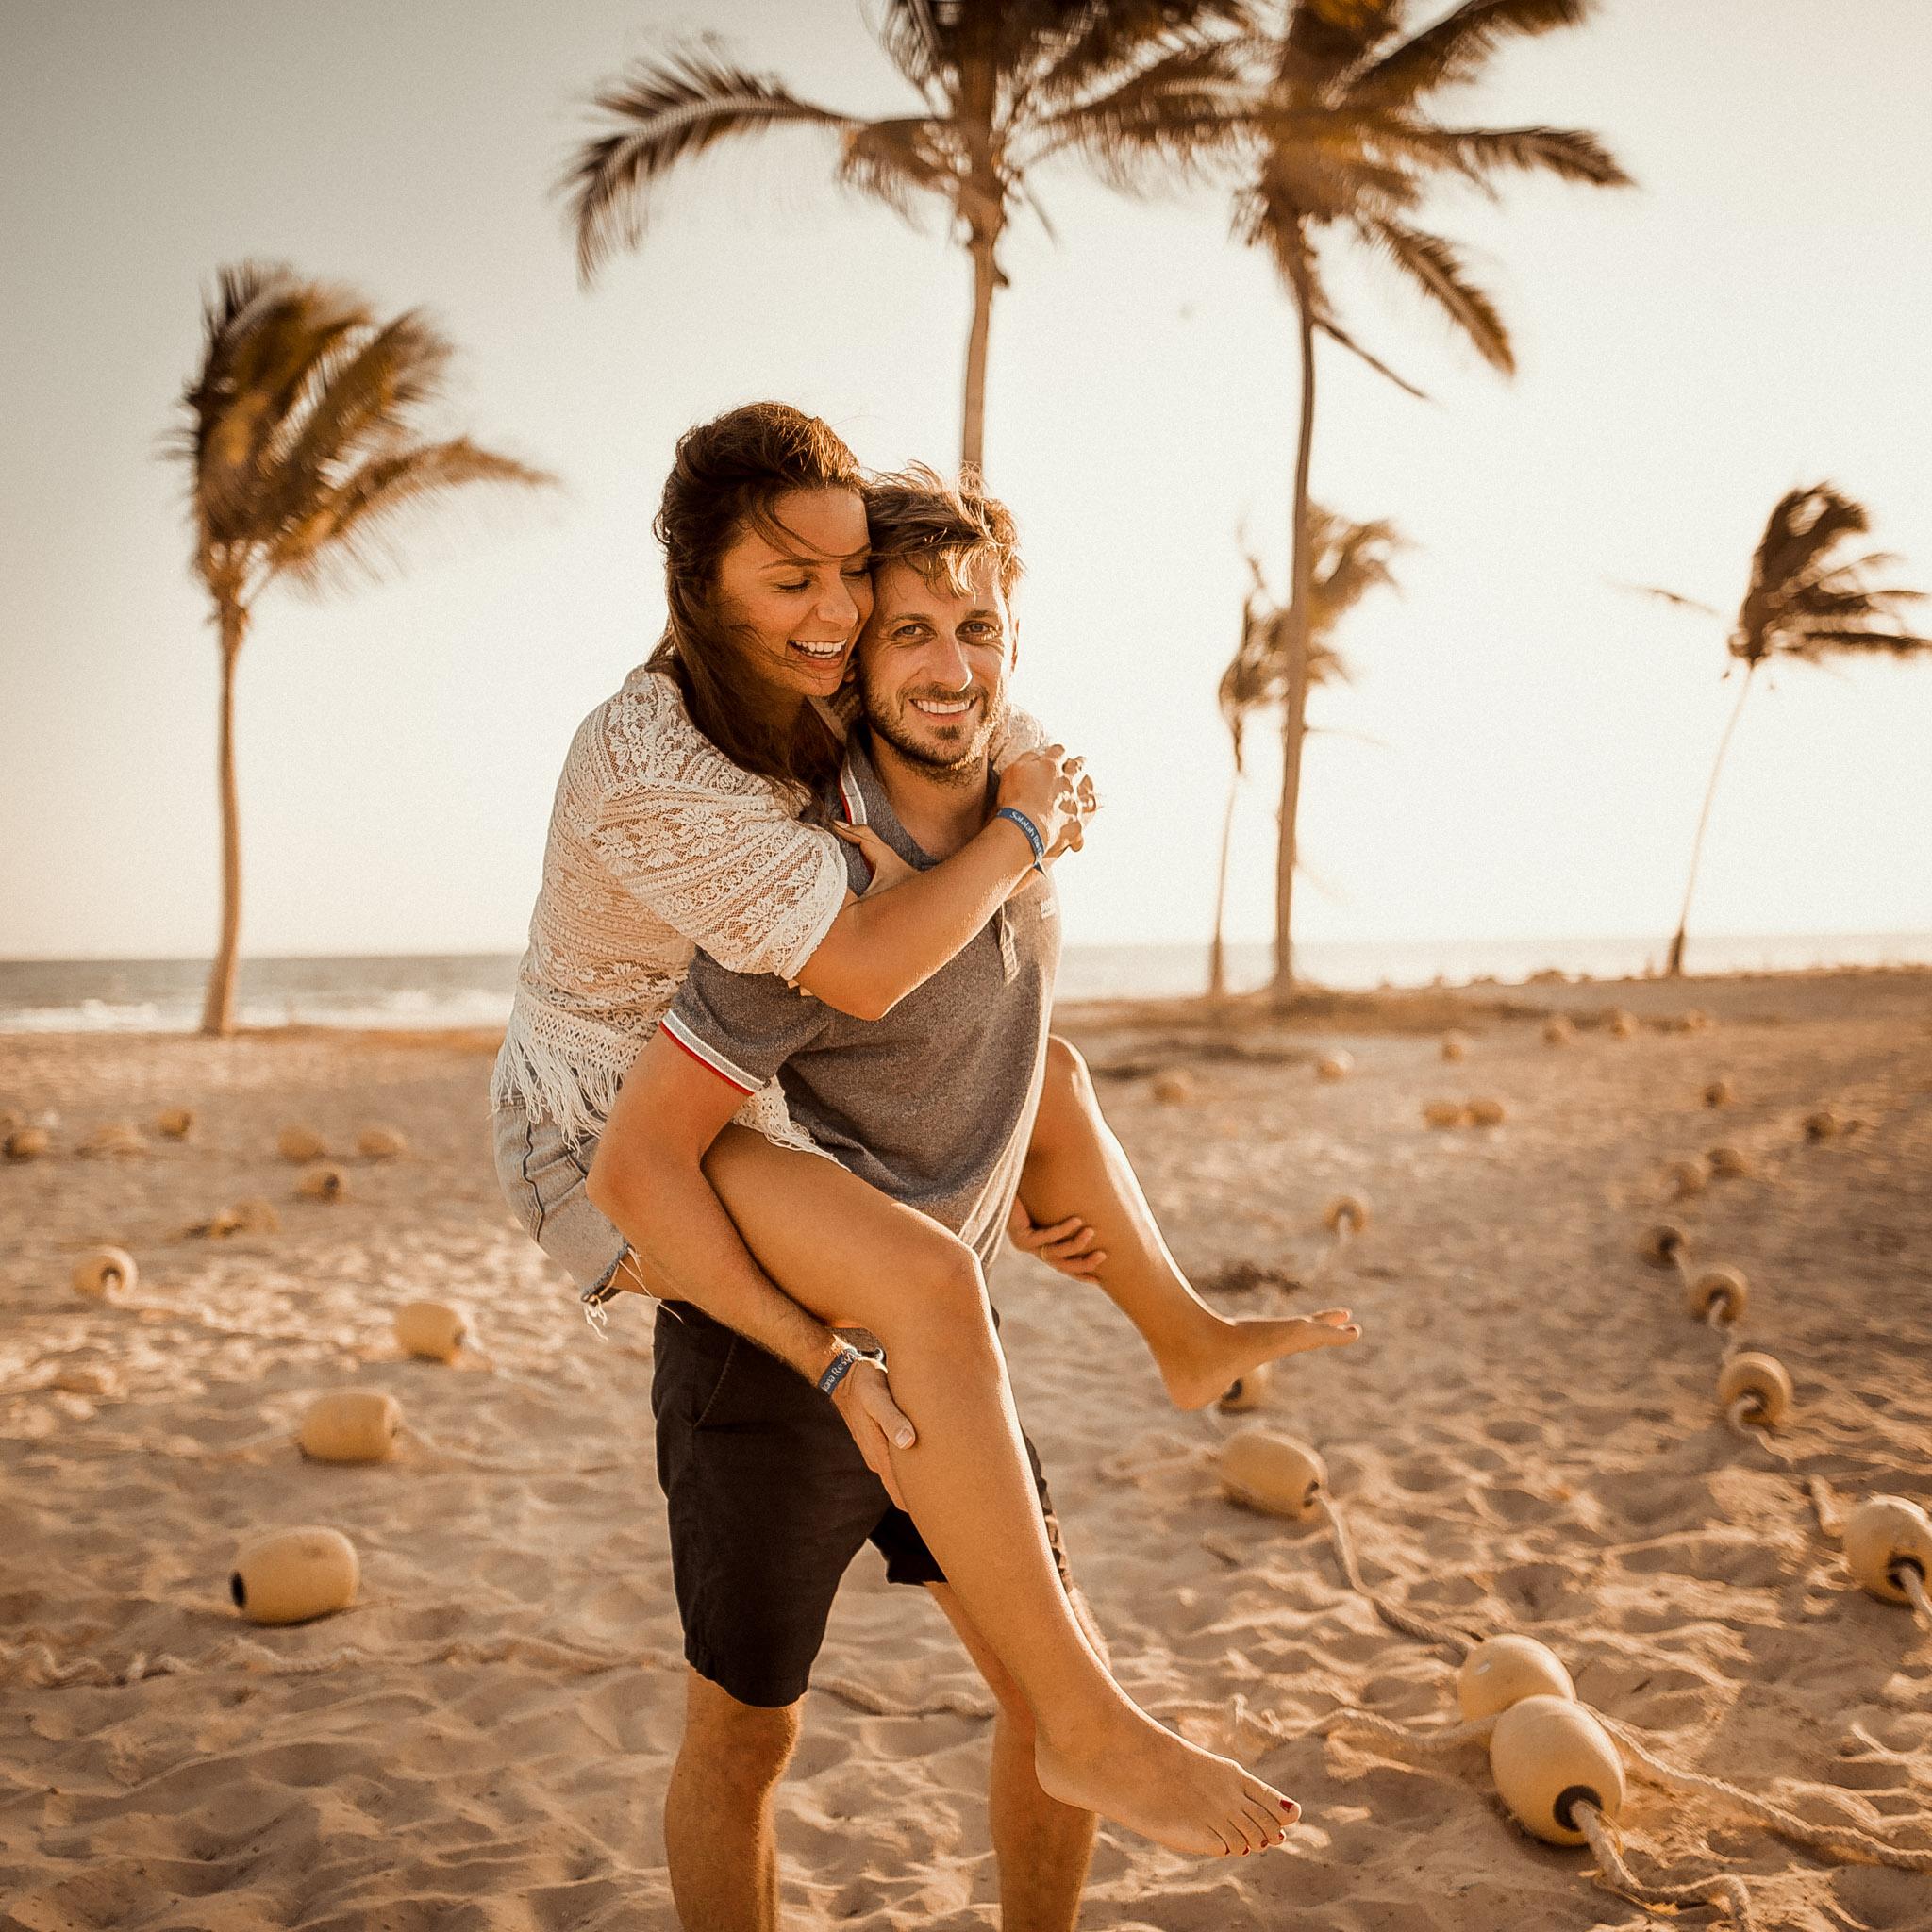 pár, láska, smiech, úsmev, bozk, more, oceán, palmy, západ slnka, šťastie, romantika, pláž, piesok, palmy, Omán